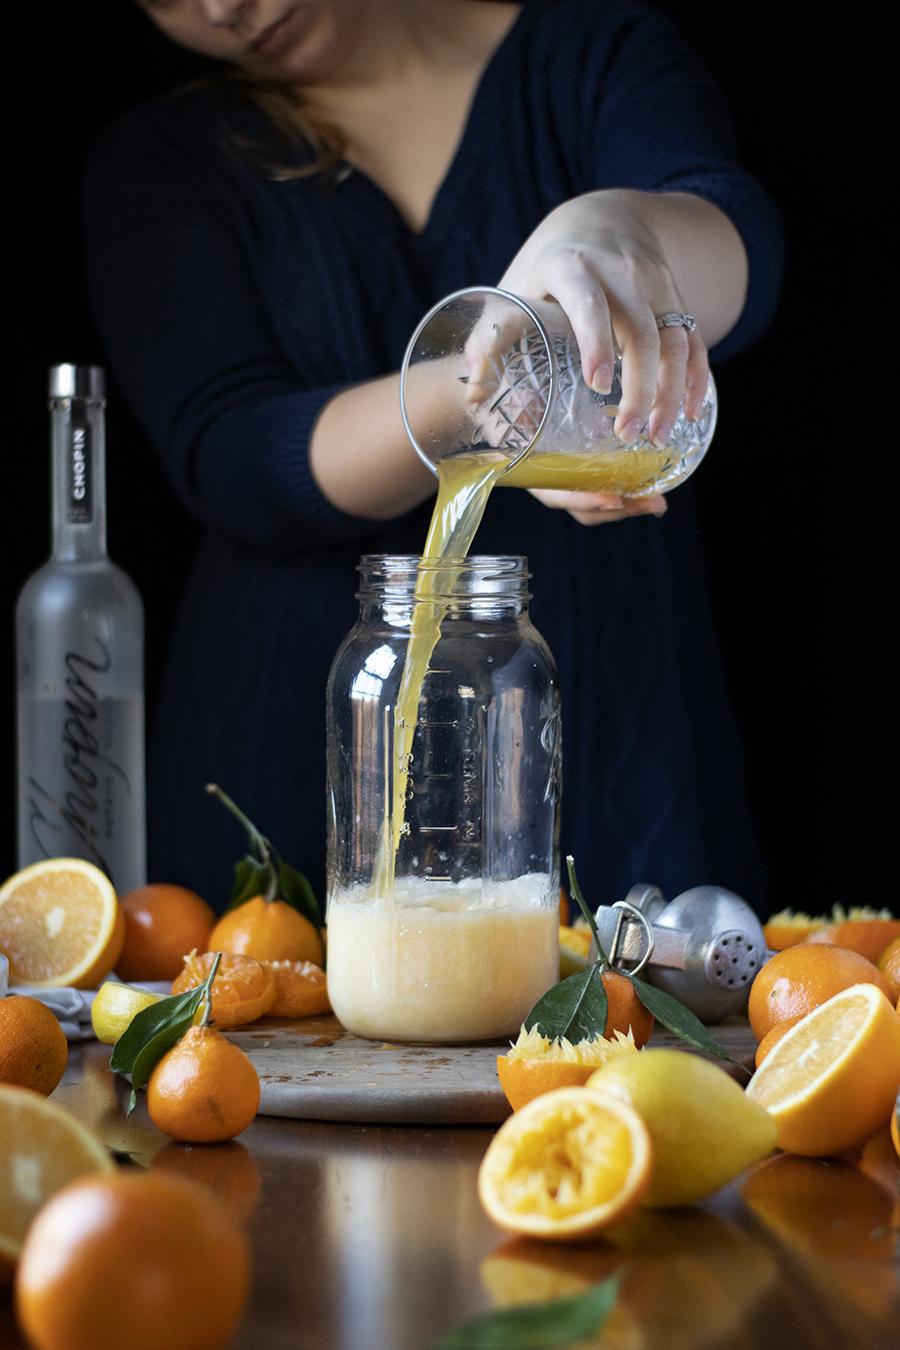 how to make a milk clarified screwdriver with satsuma mandarin juice